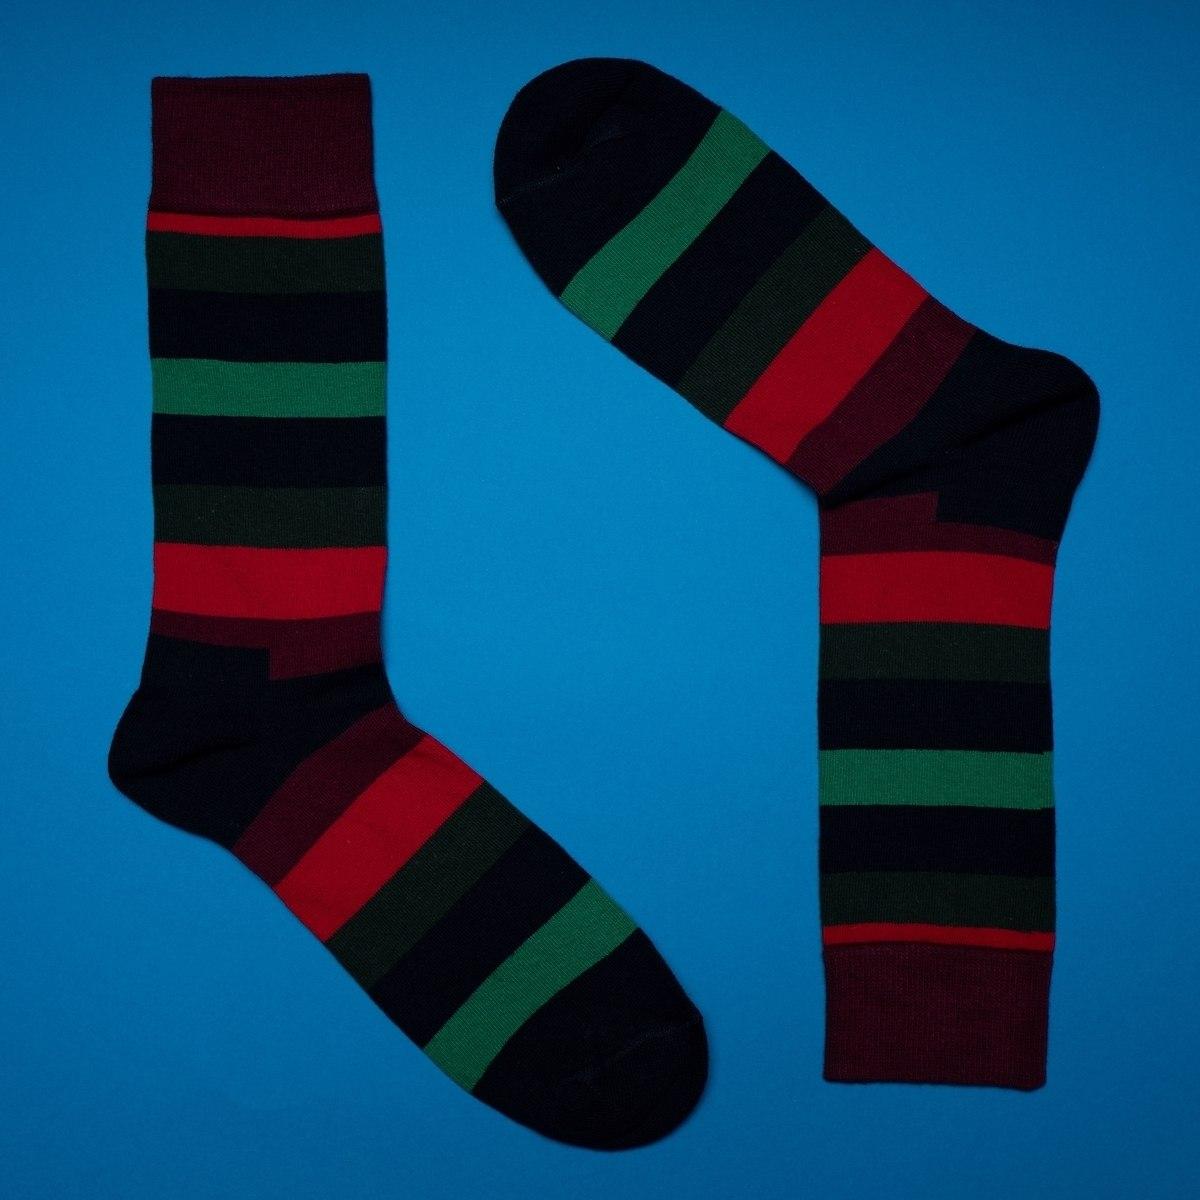 Men's Striped Socks In RGB Colors